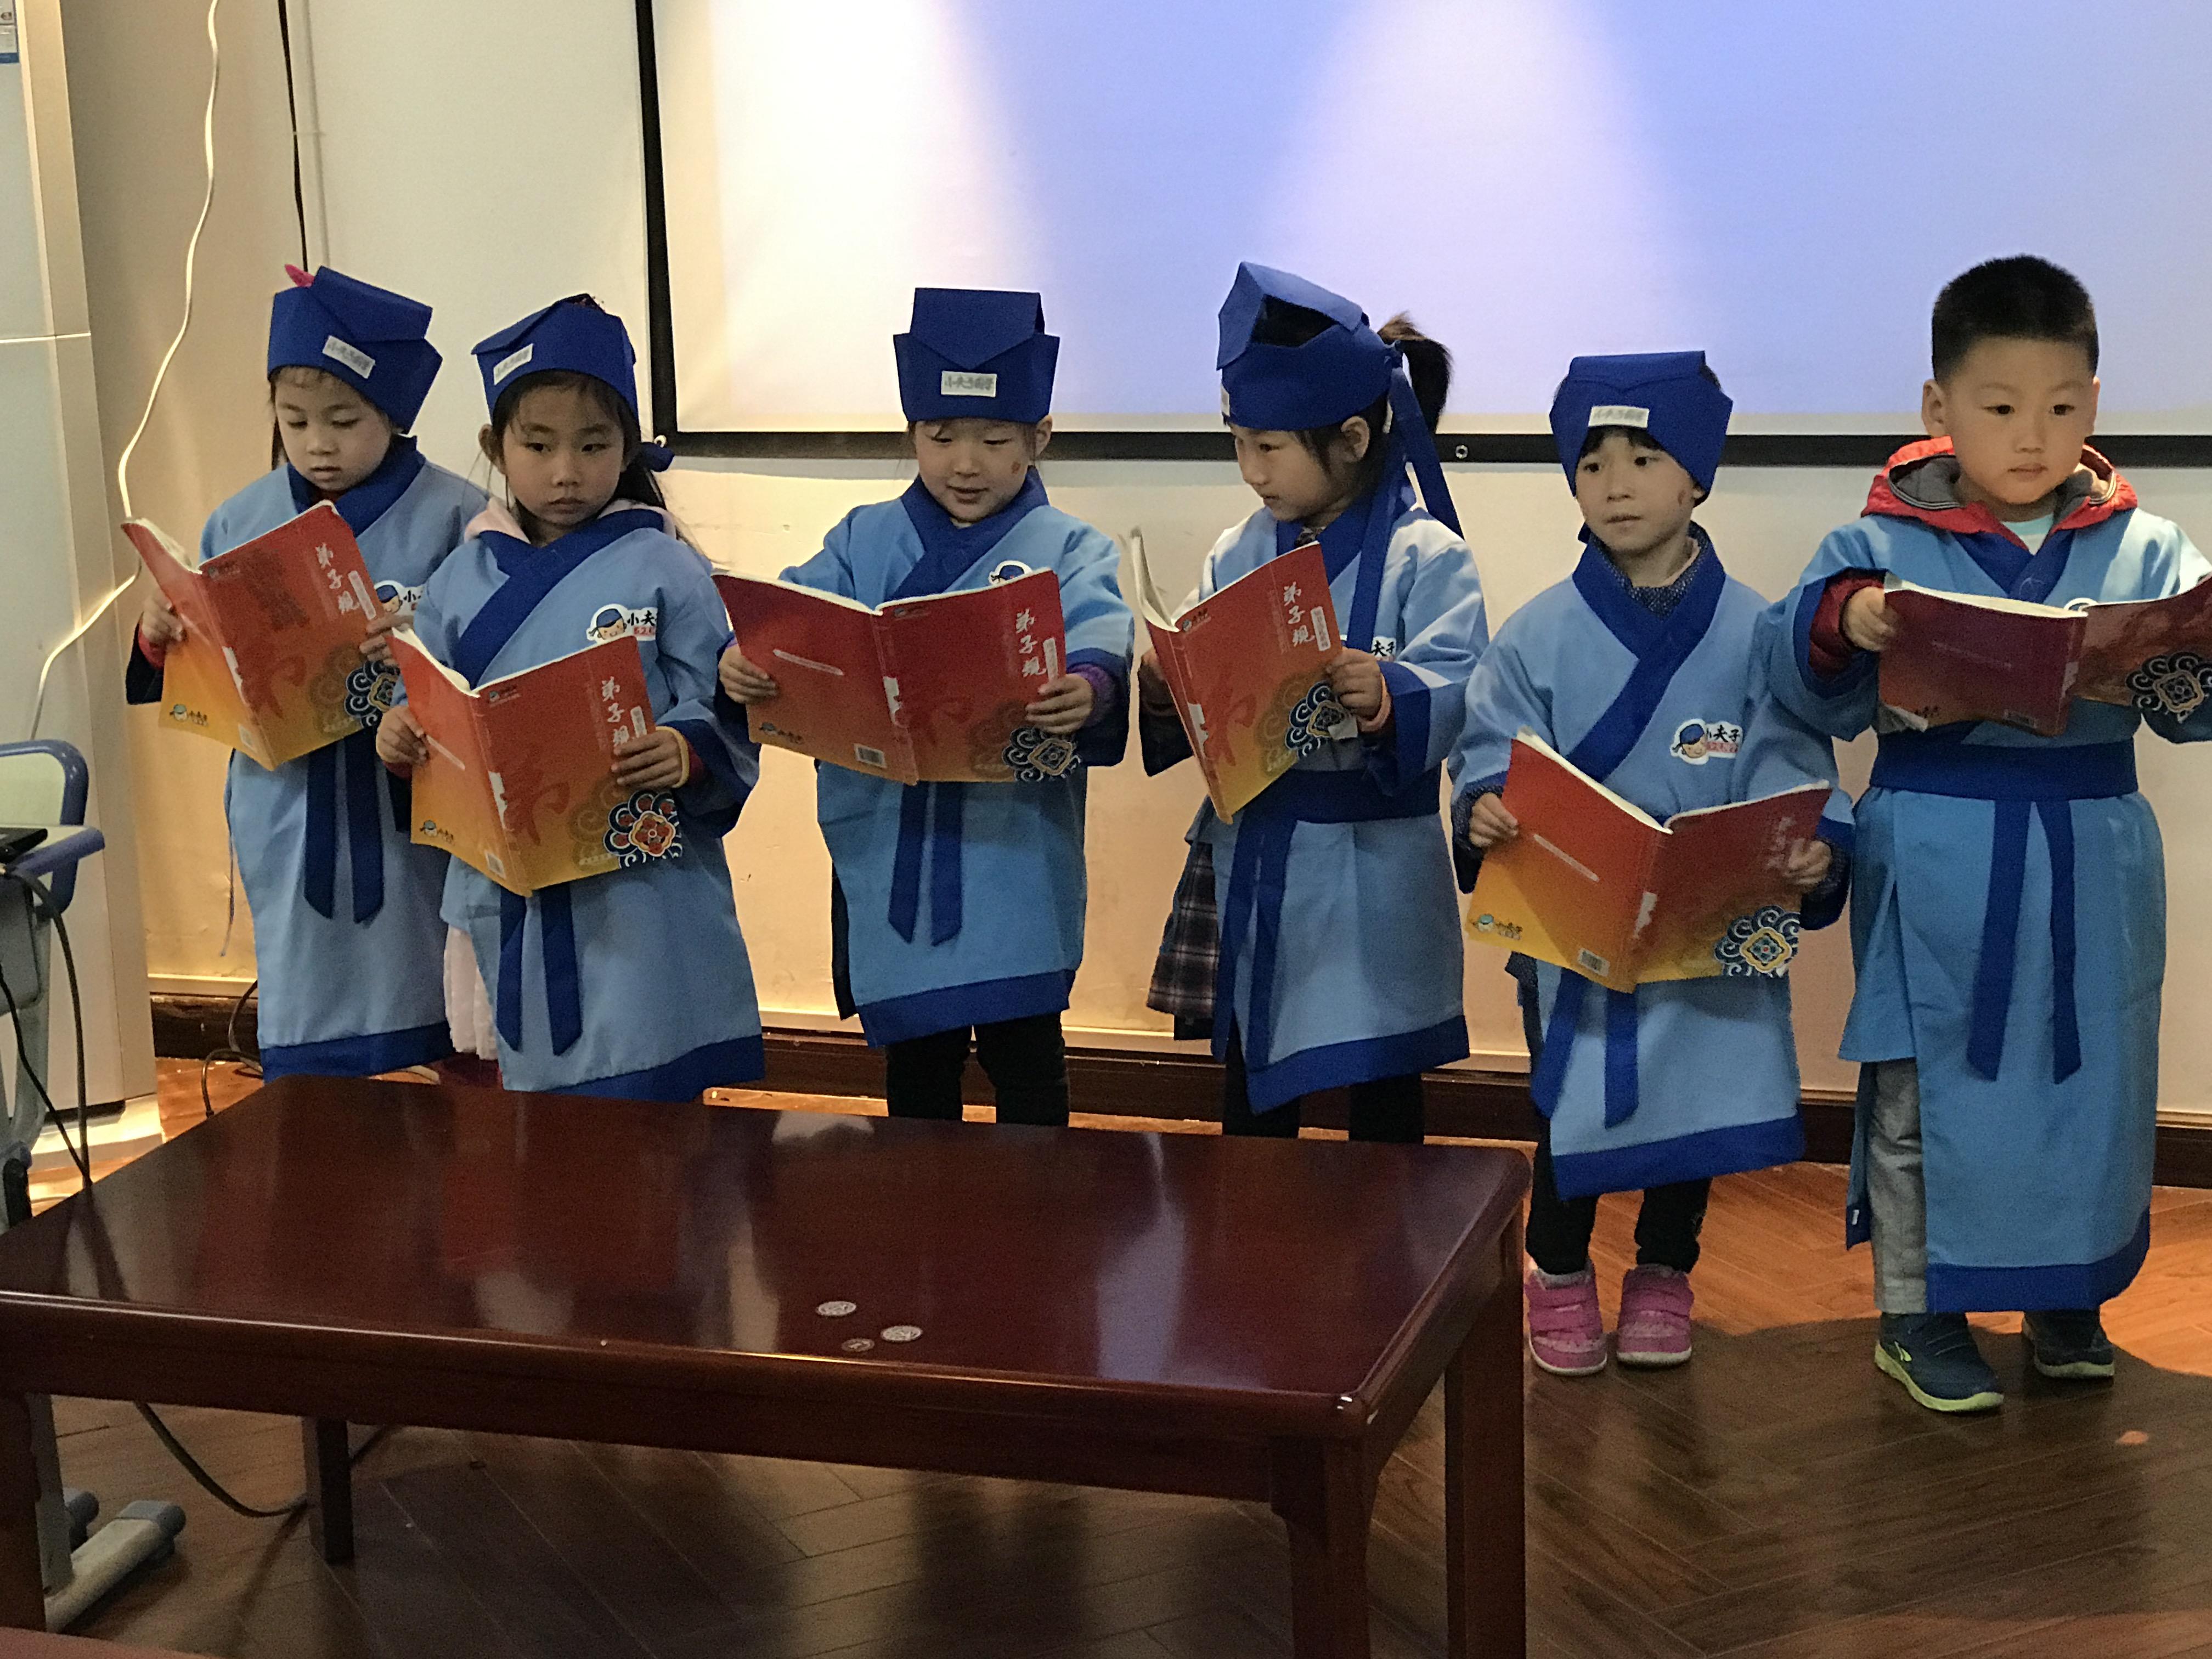 小夫子2018暑假第七期《千字文》国学公益课